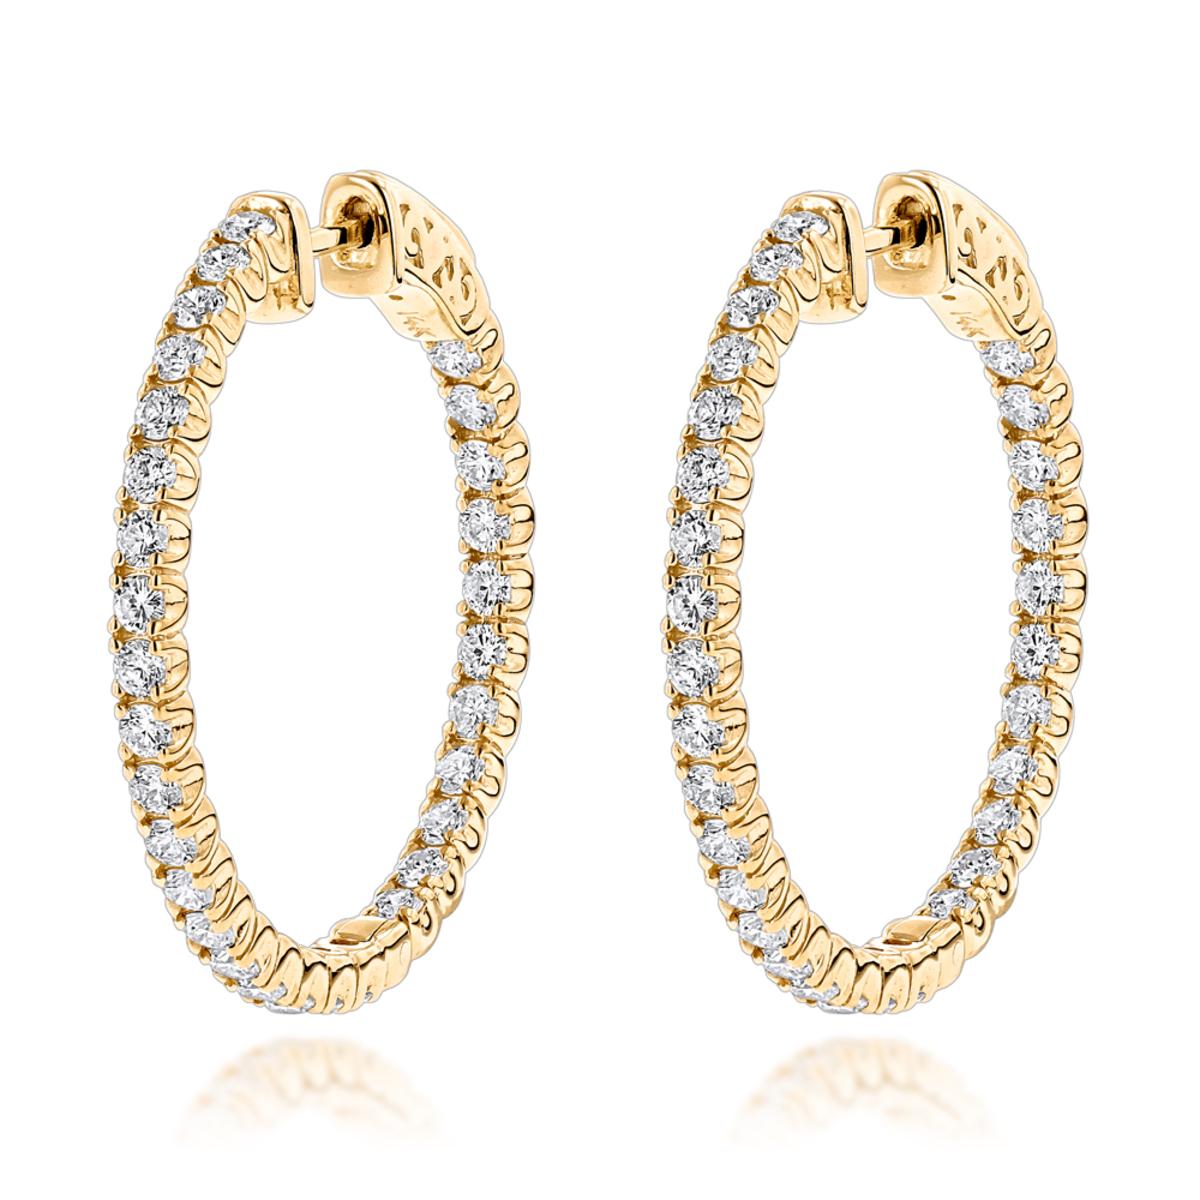 1 inch Inside Out 2 Carat Diamond Hoop Earrings for Women by Luxurman